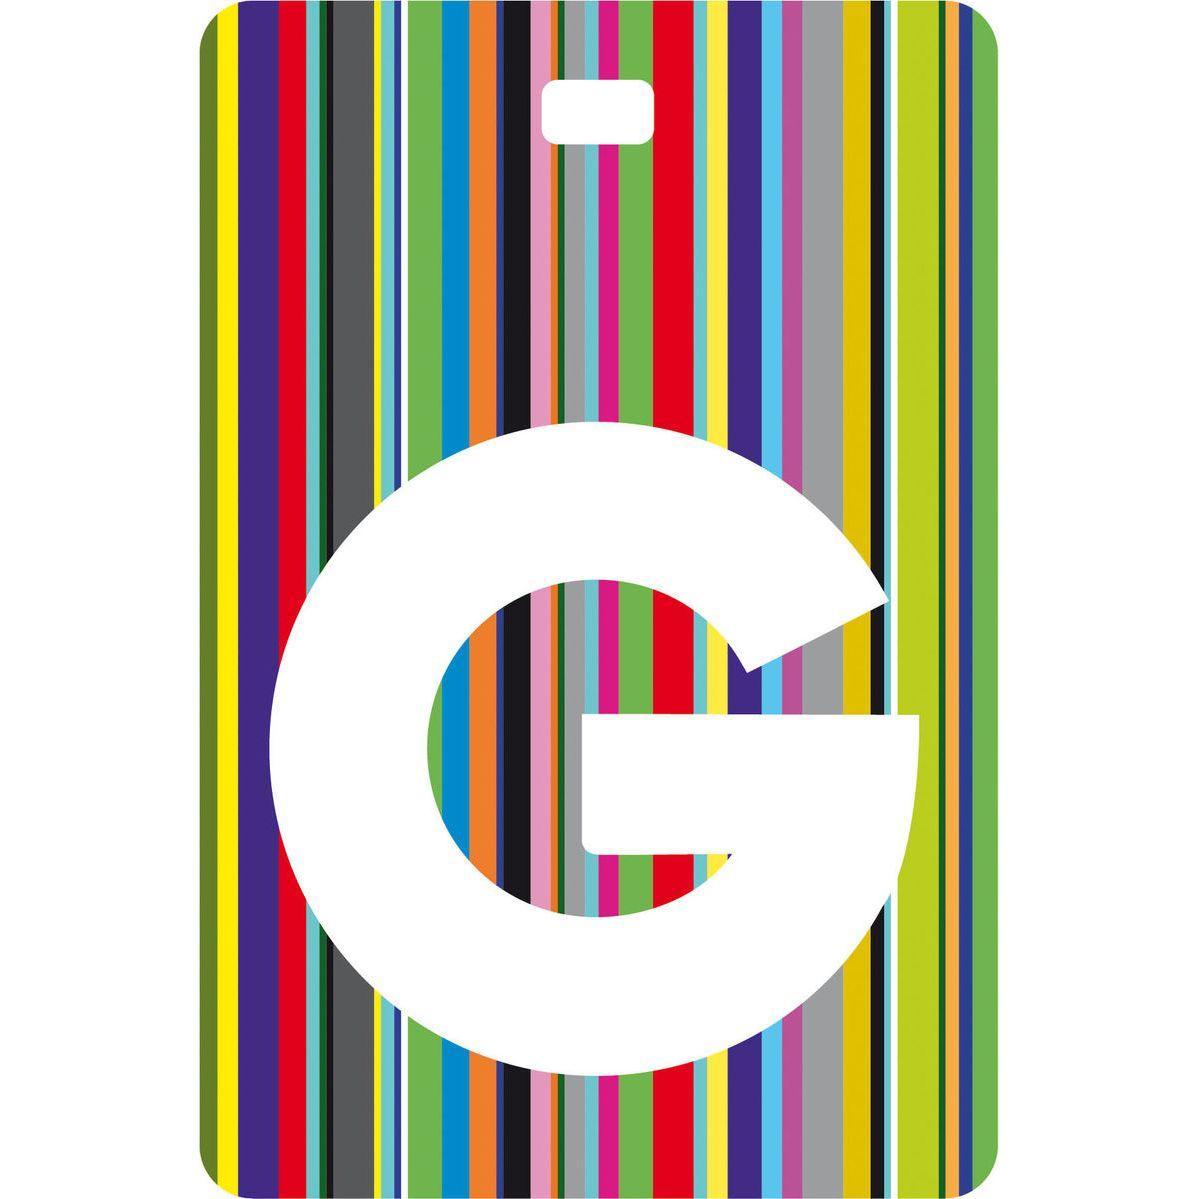 Etichetta baglio con lettera alfabeto bianca su sfondo a righe colorate carattere testuale G